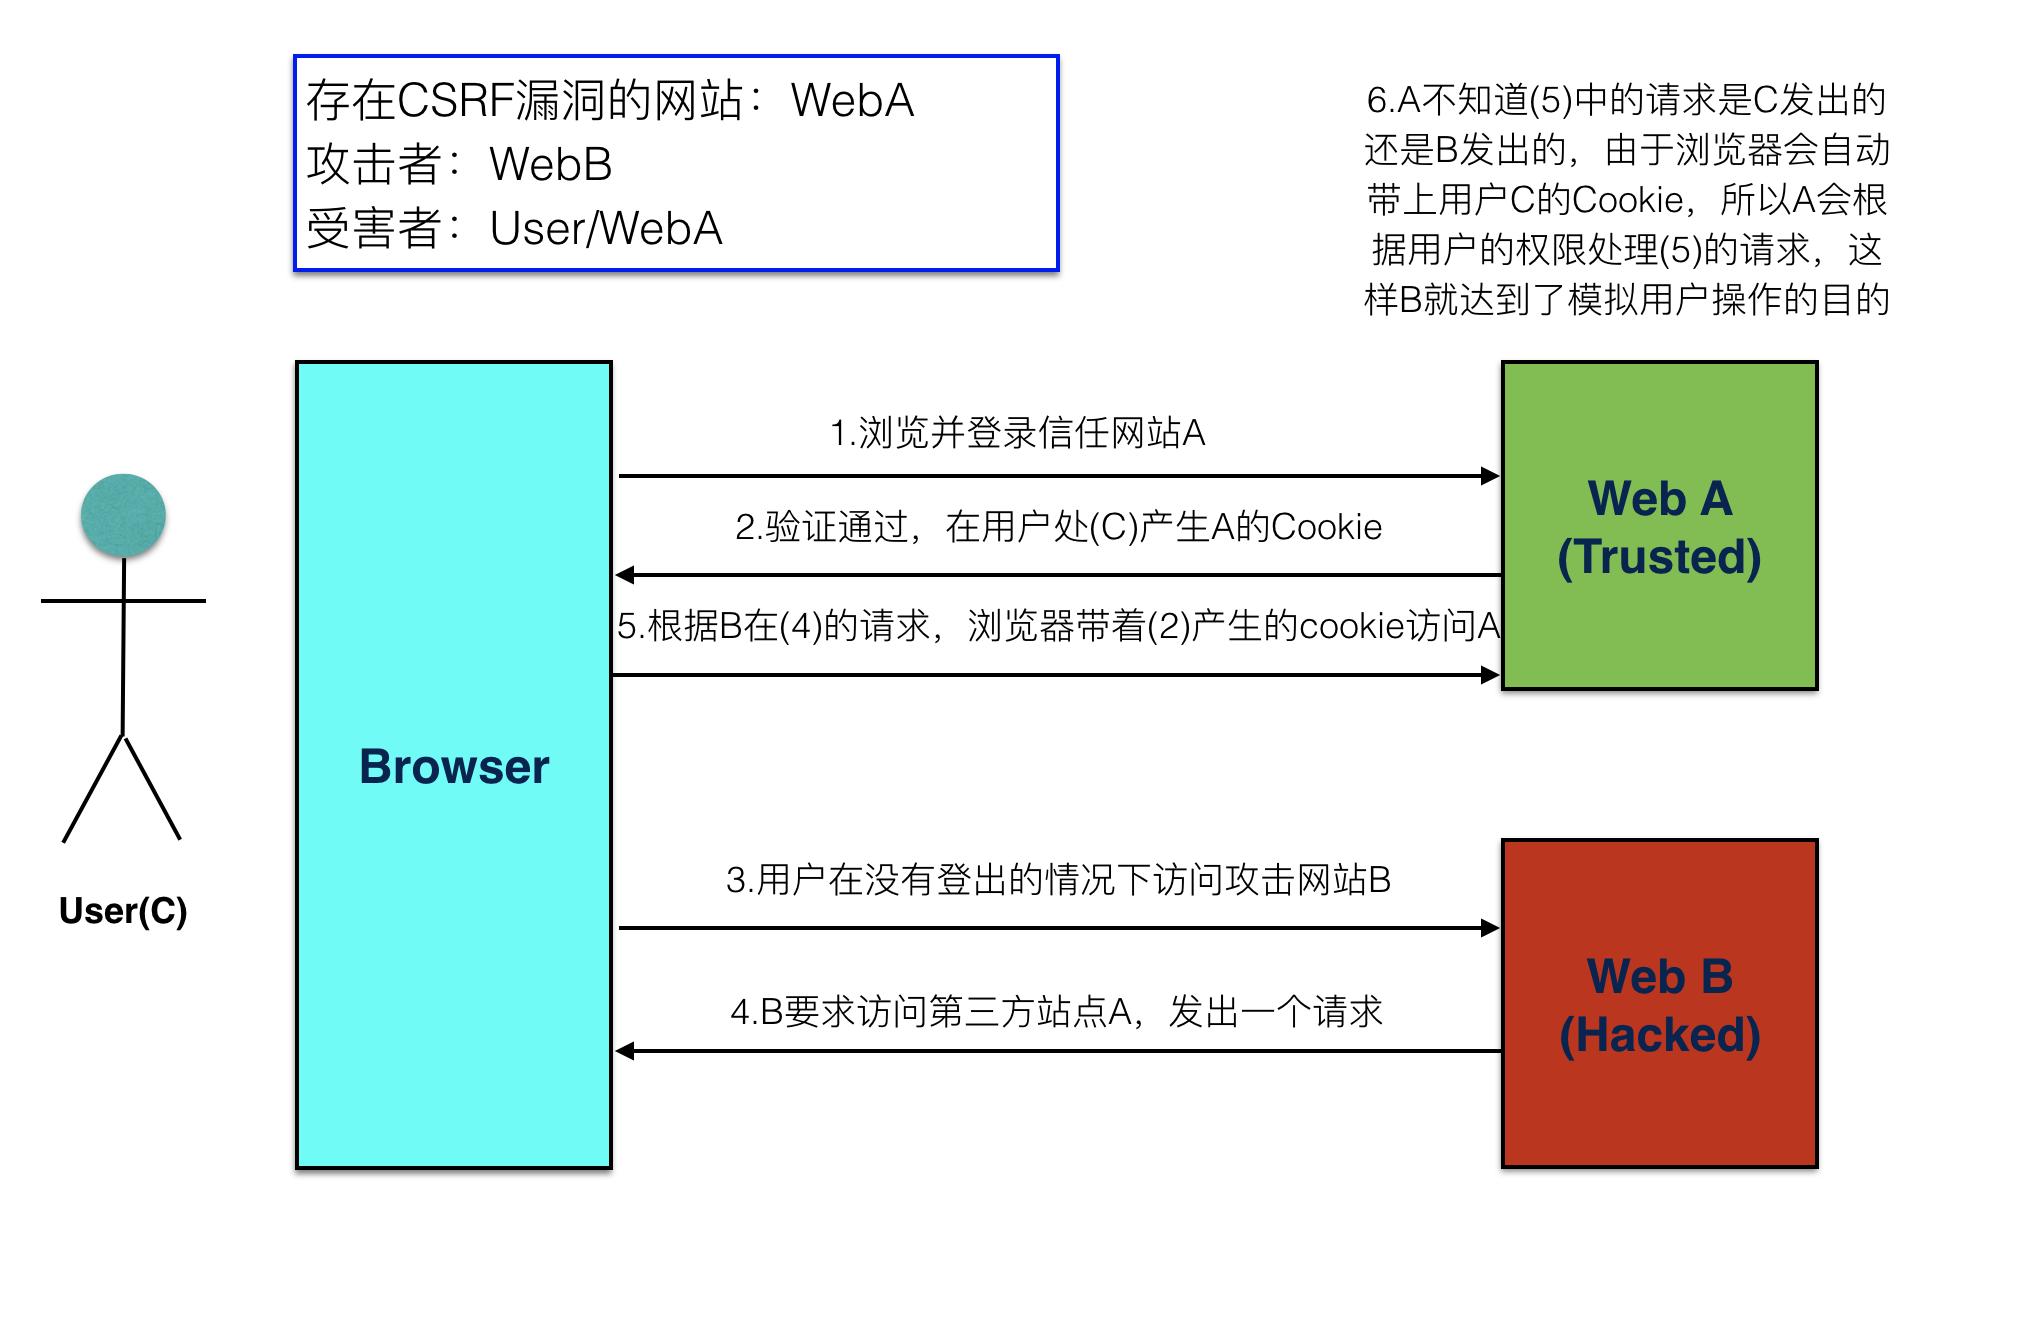 flask-wtf扩展中FormField报错:'csrf_token': ['CSRF token